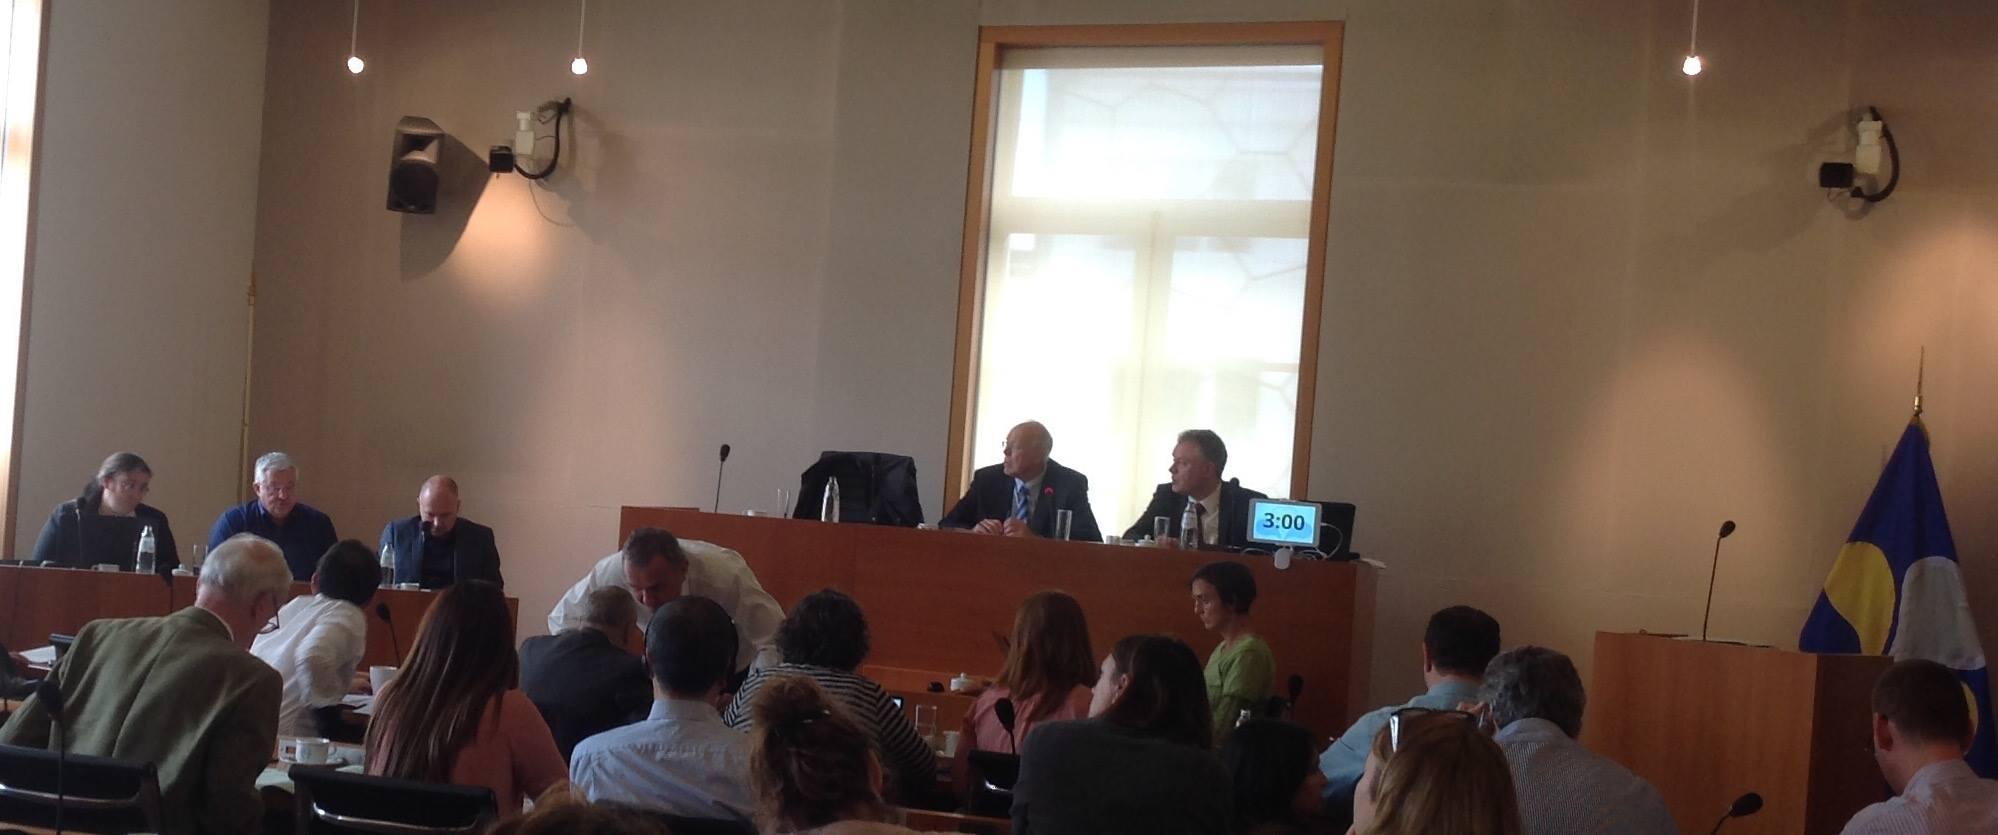 """بشرائيل الشاوي تتلقى دعوة من منظمة """"الصندوق الاوروبي للديموقراطية"""" ببروكسيل"""